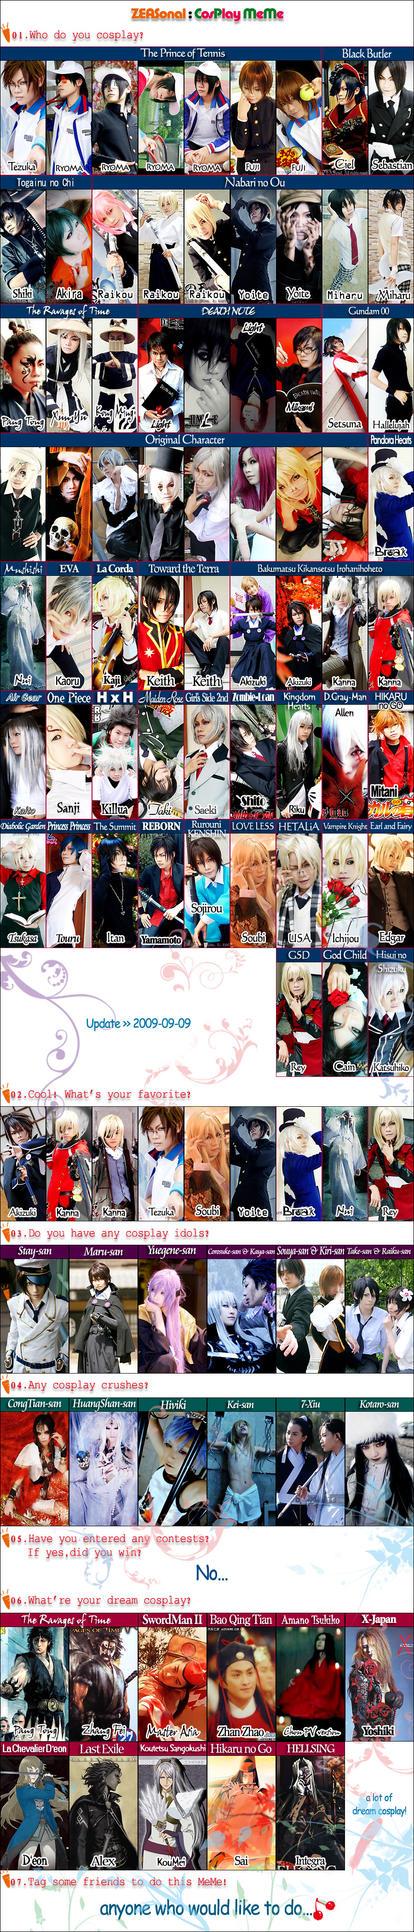 ZEASonal : CosPlay MeMe 2009 by Zeasonal